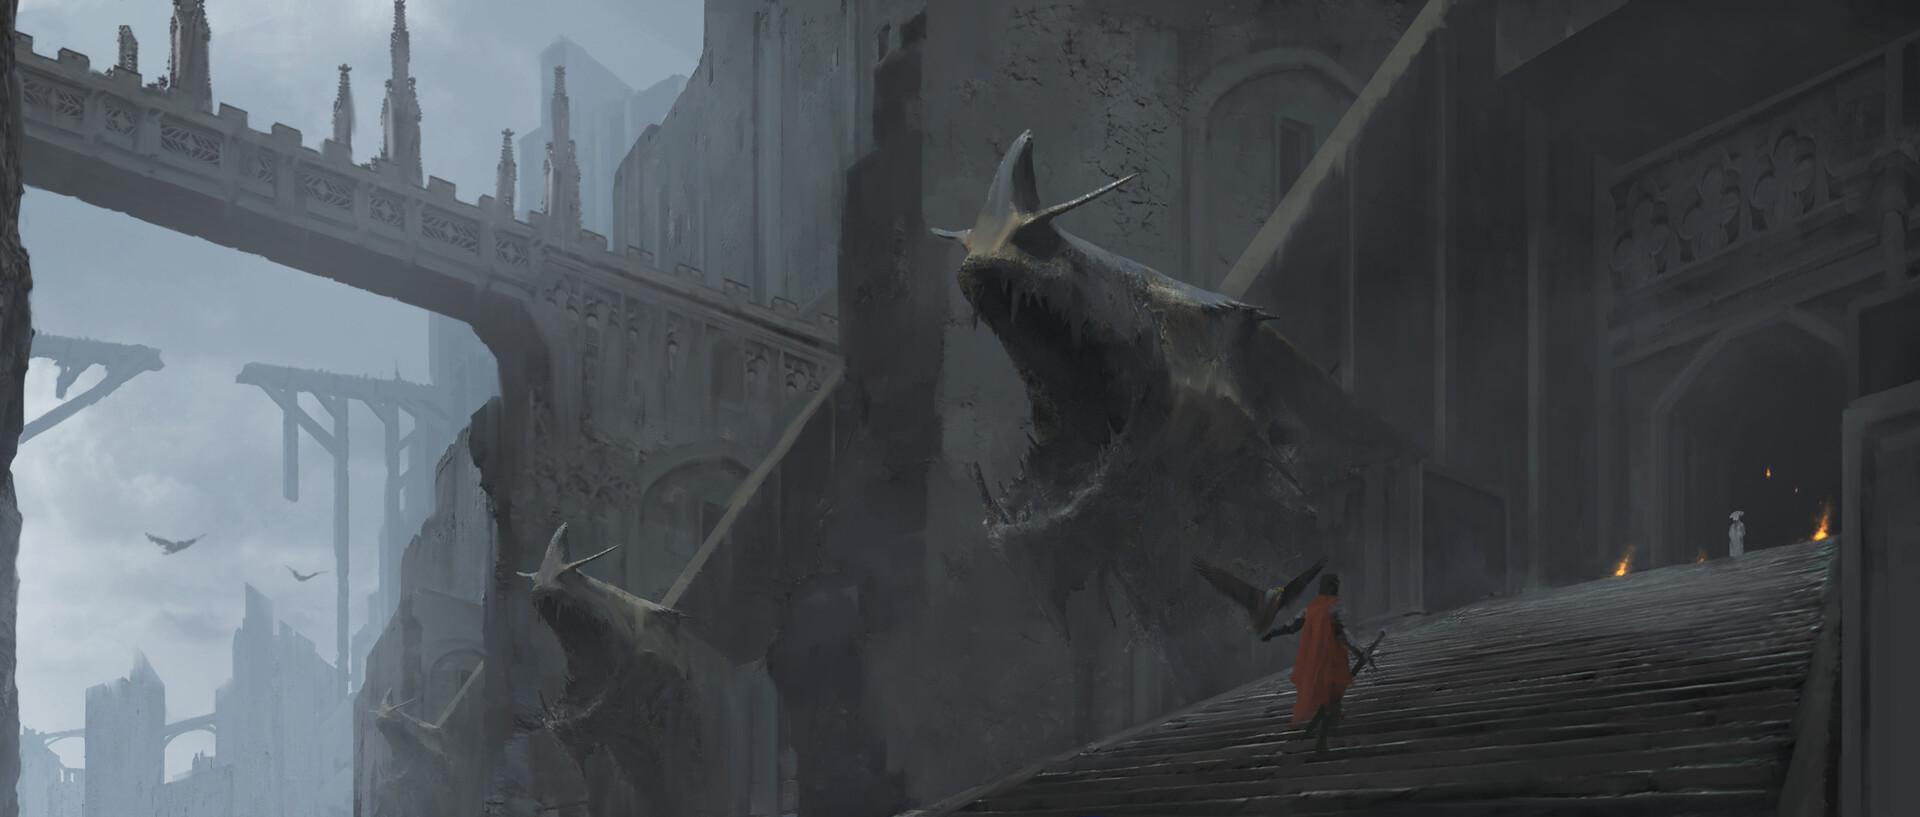 Rostyslav zagornov dragonscastle